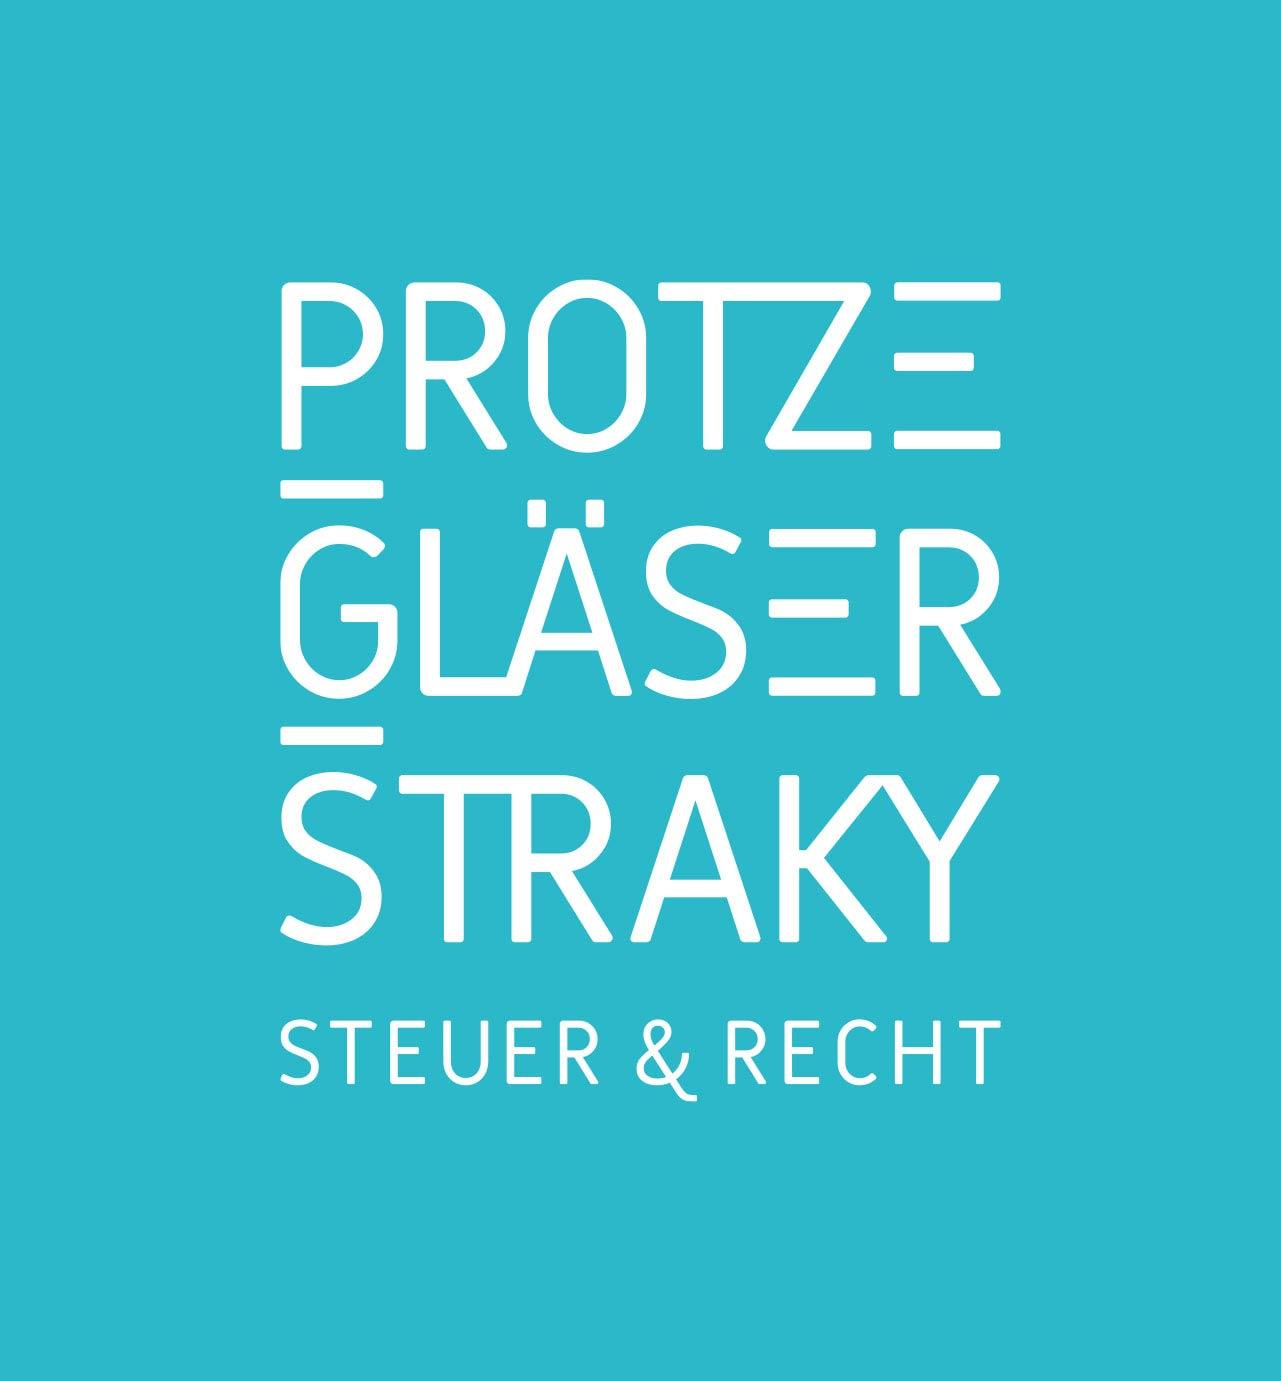 Logo-Design der Steuerkanzlei PROTZE GLAESER STRAKY aus Frankfurt in Blau